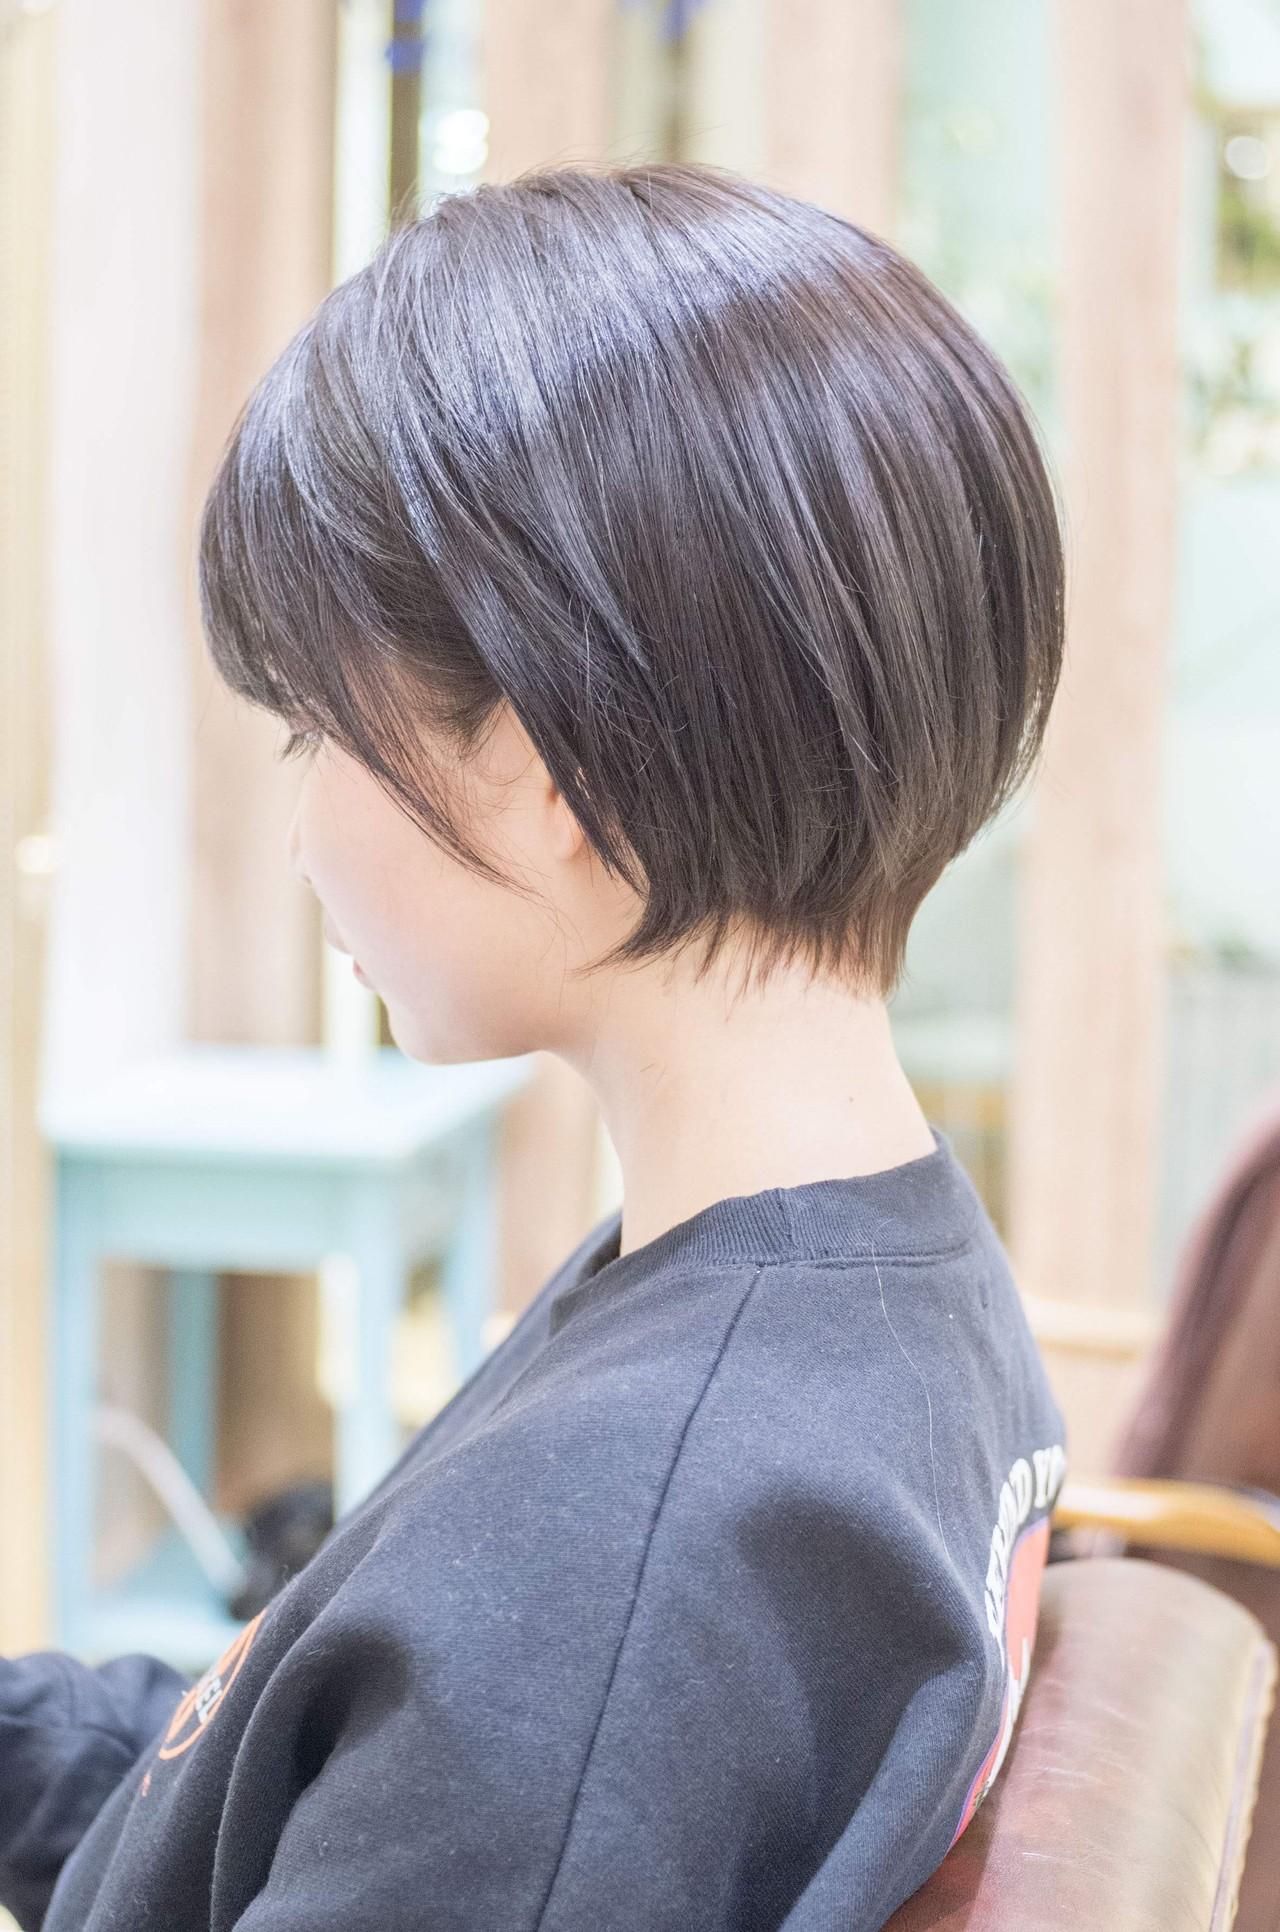 前下がり ショートボブ ショートヘア ミニボブ ヘアスタイルや髪型の写真・画像 | 荒巻 充 / トライベッカ浦和店